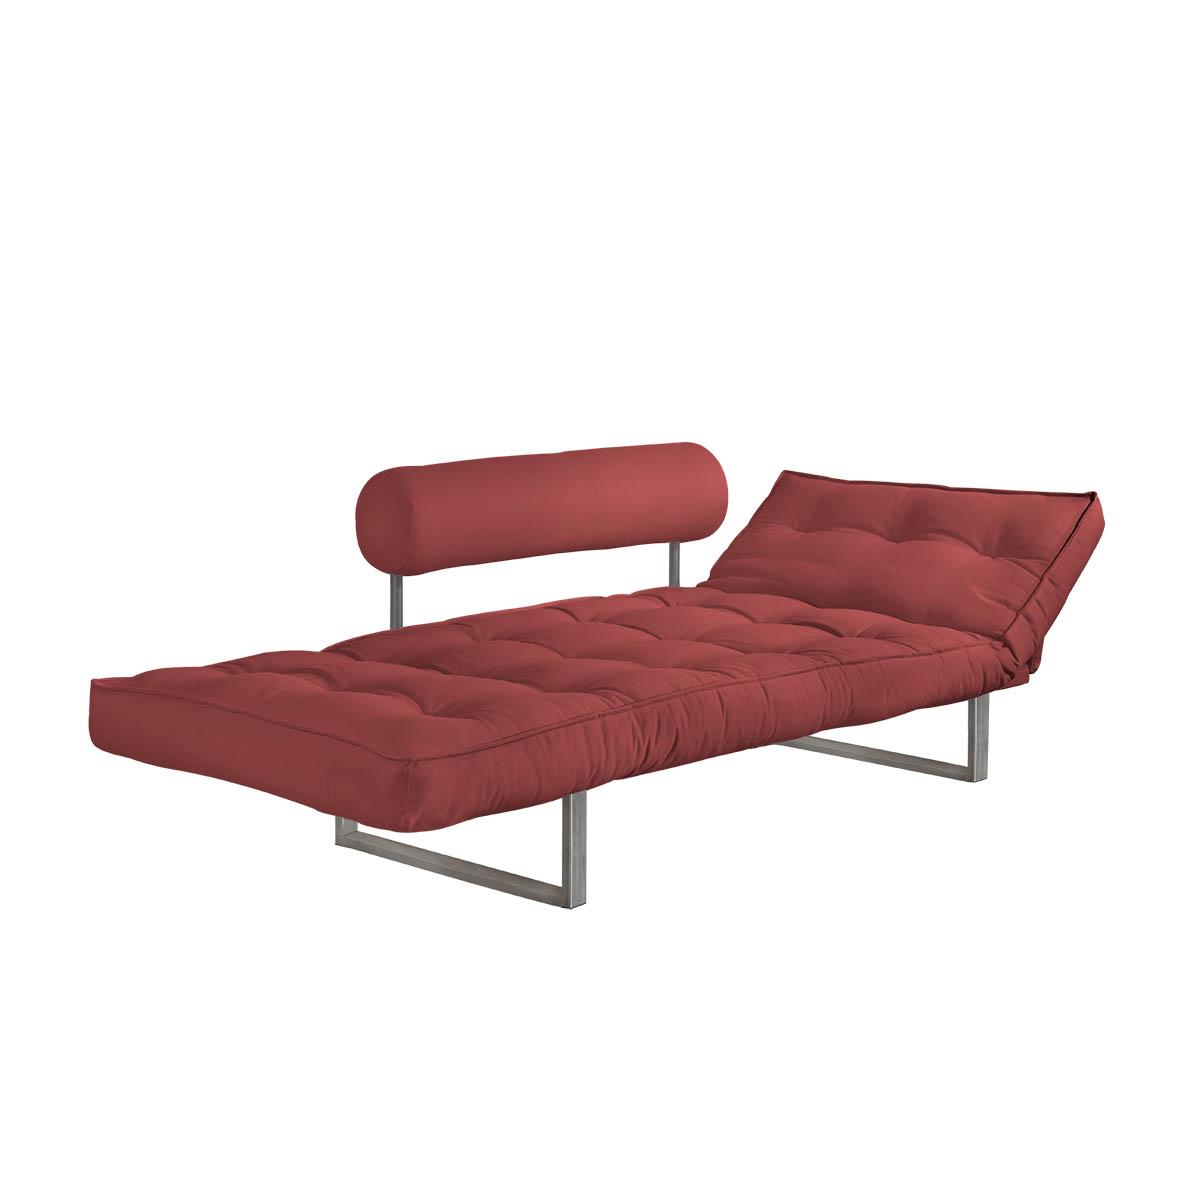 Sofa cama solteiro futon company for Futon de 2 plazas